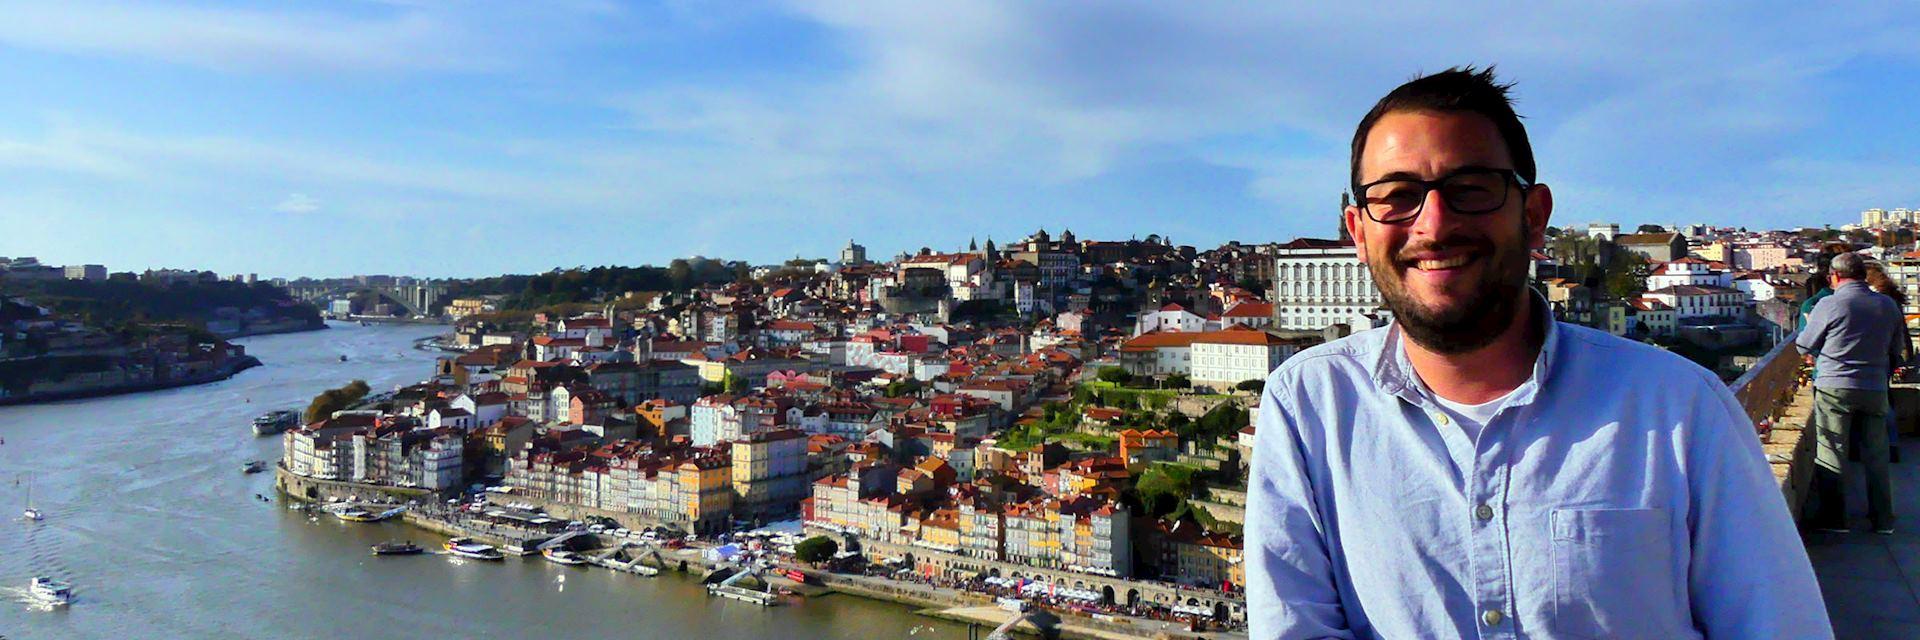 Rob in Porto, Portugal